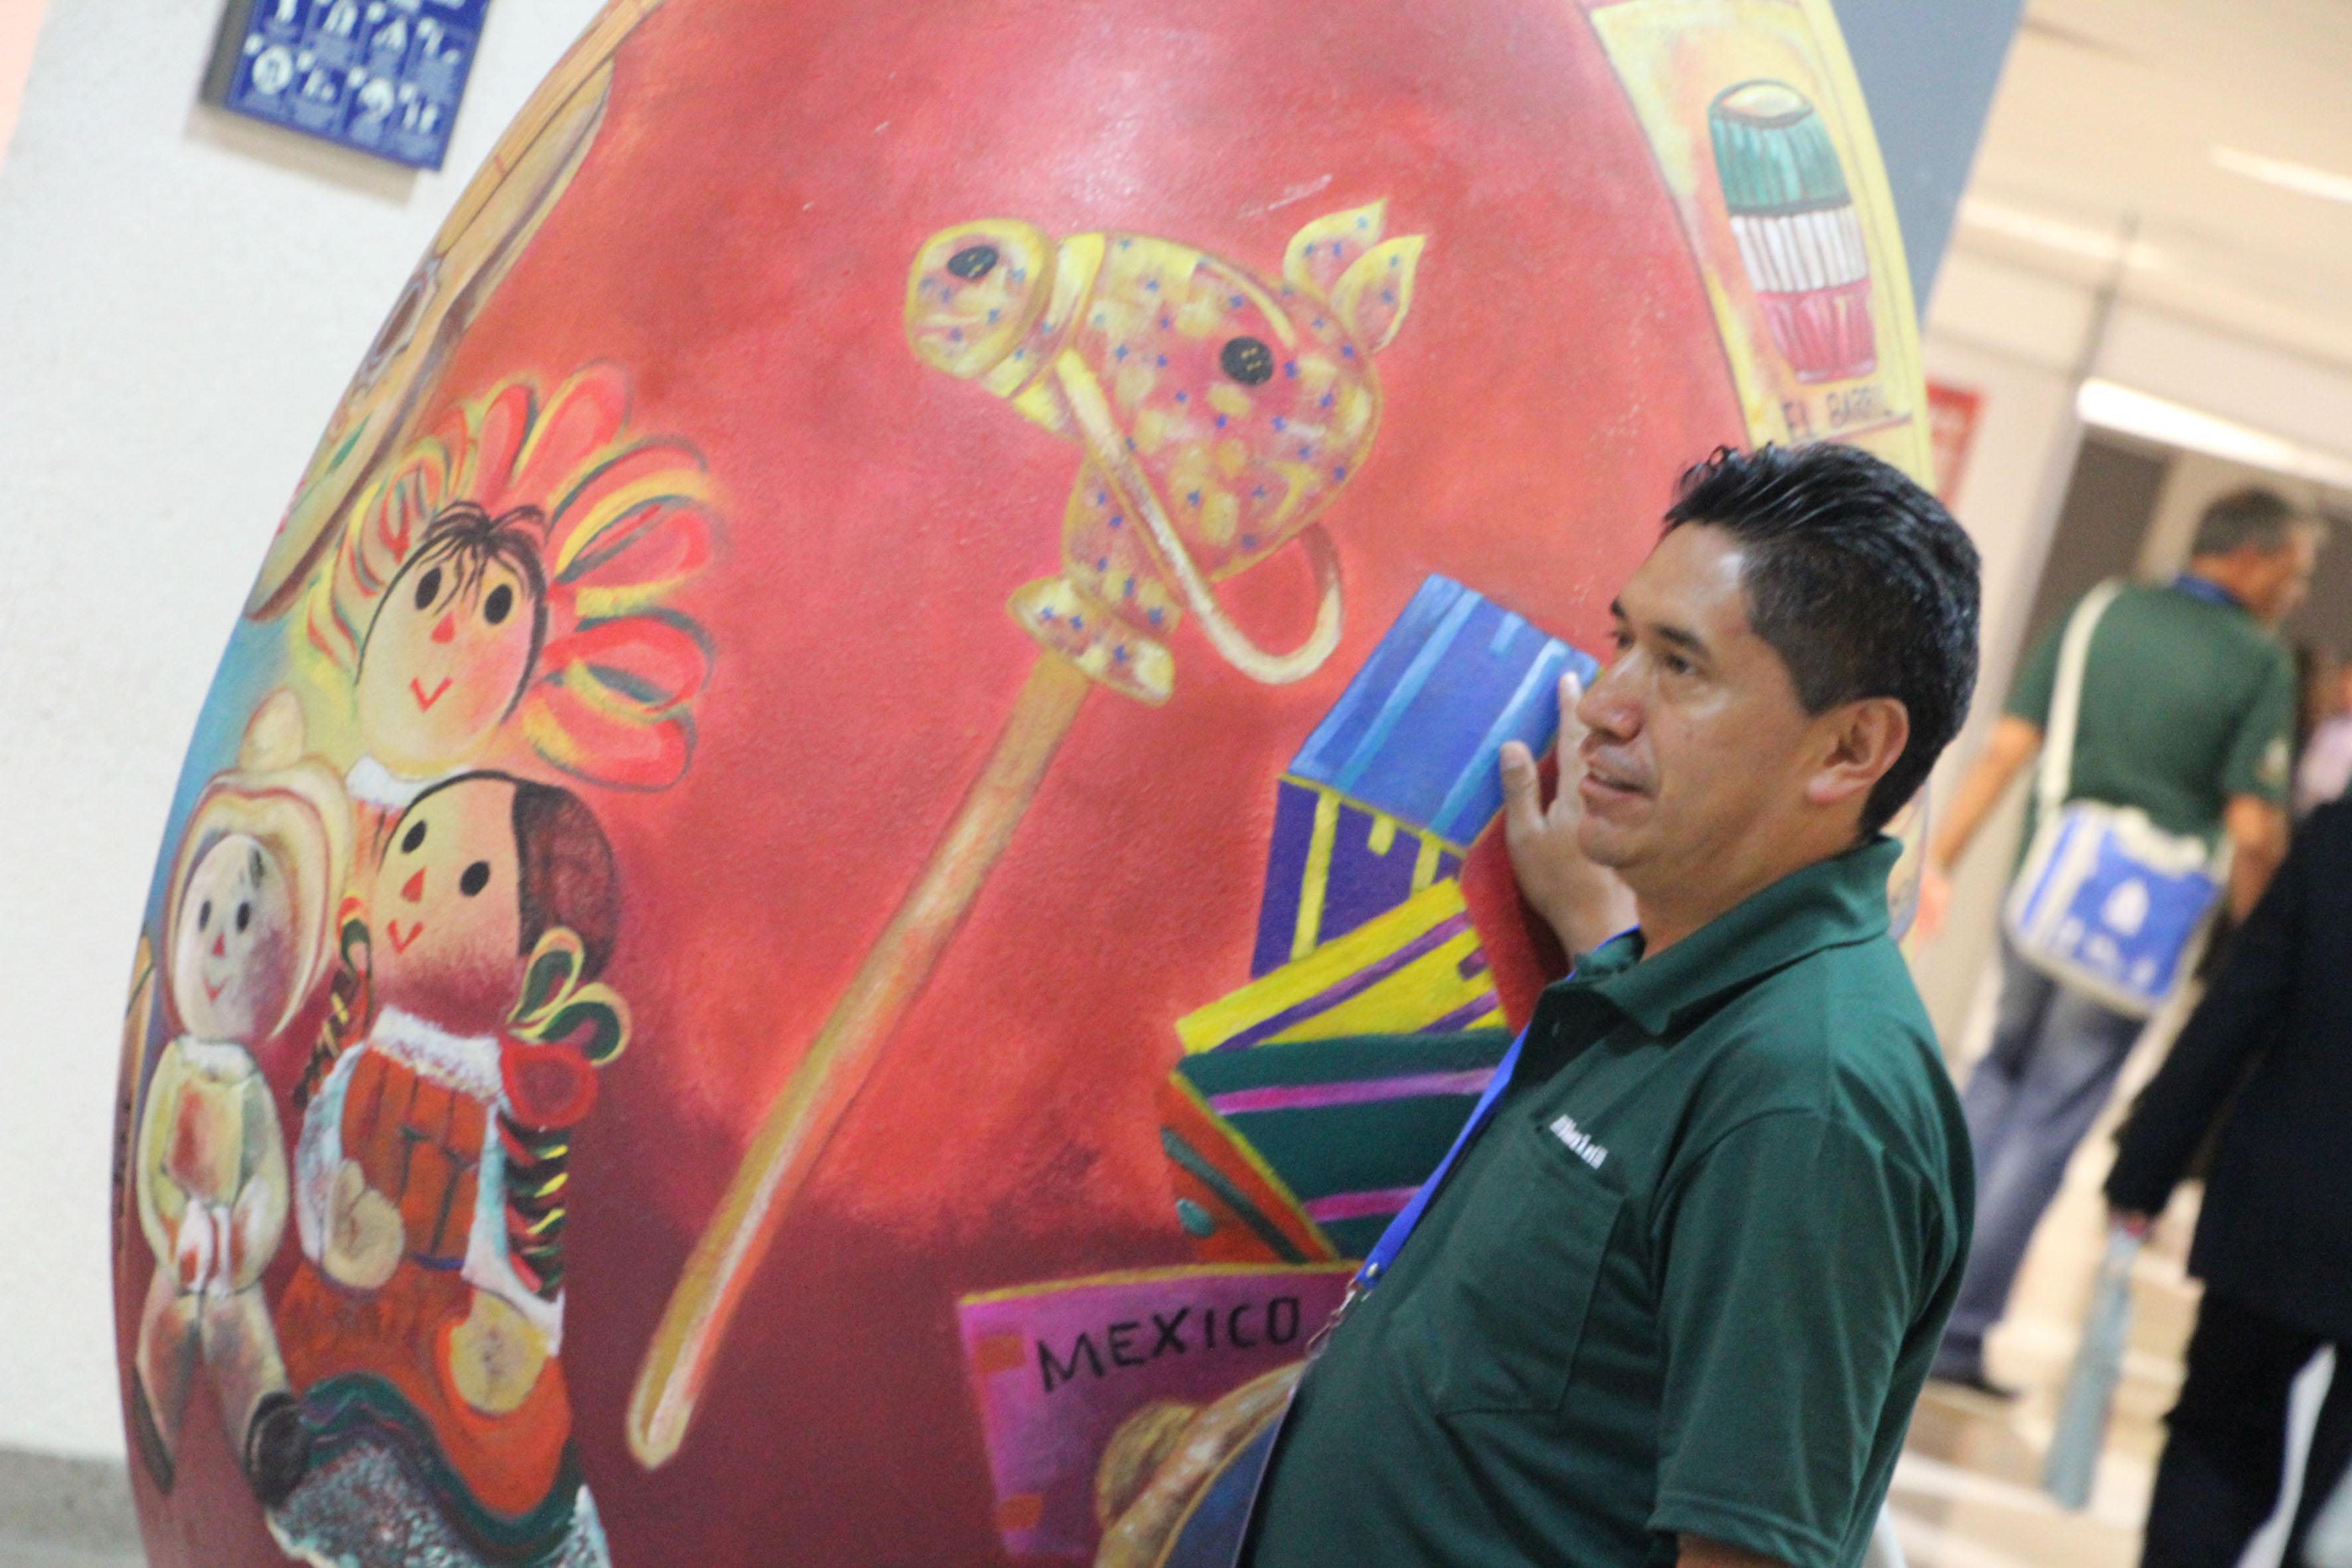 persona mostrando huevo en exhibición con paisaje de juguegos y juguetes típicos de México.